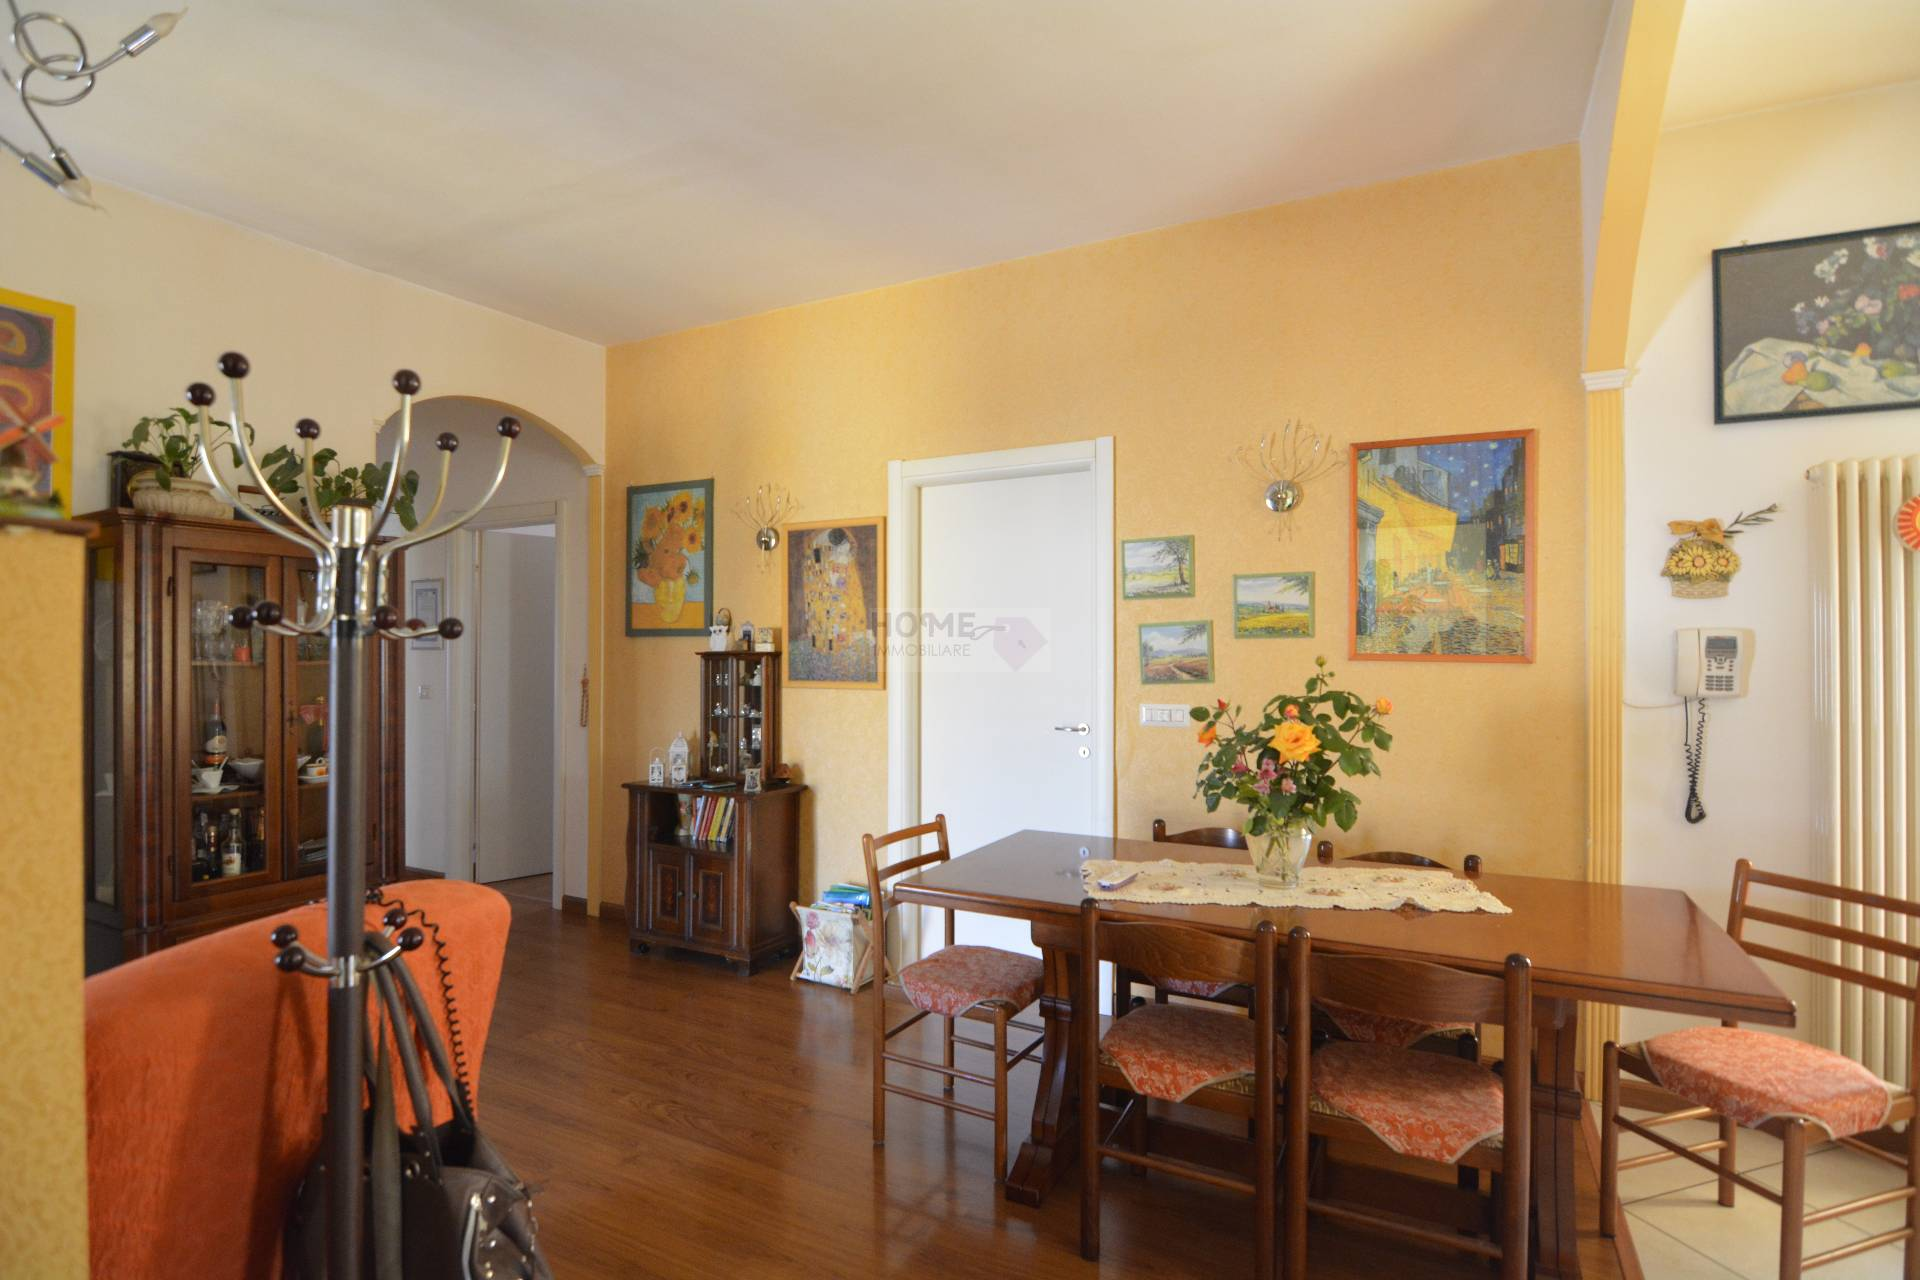 Appartamento in vendita a Macerata, 7 locali, zona Località: ZonaStadiodeiPini, prezzo € 172.000 | Cambio Casa.it